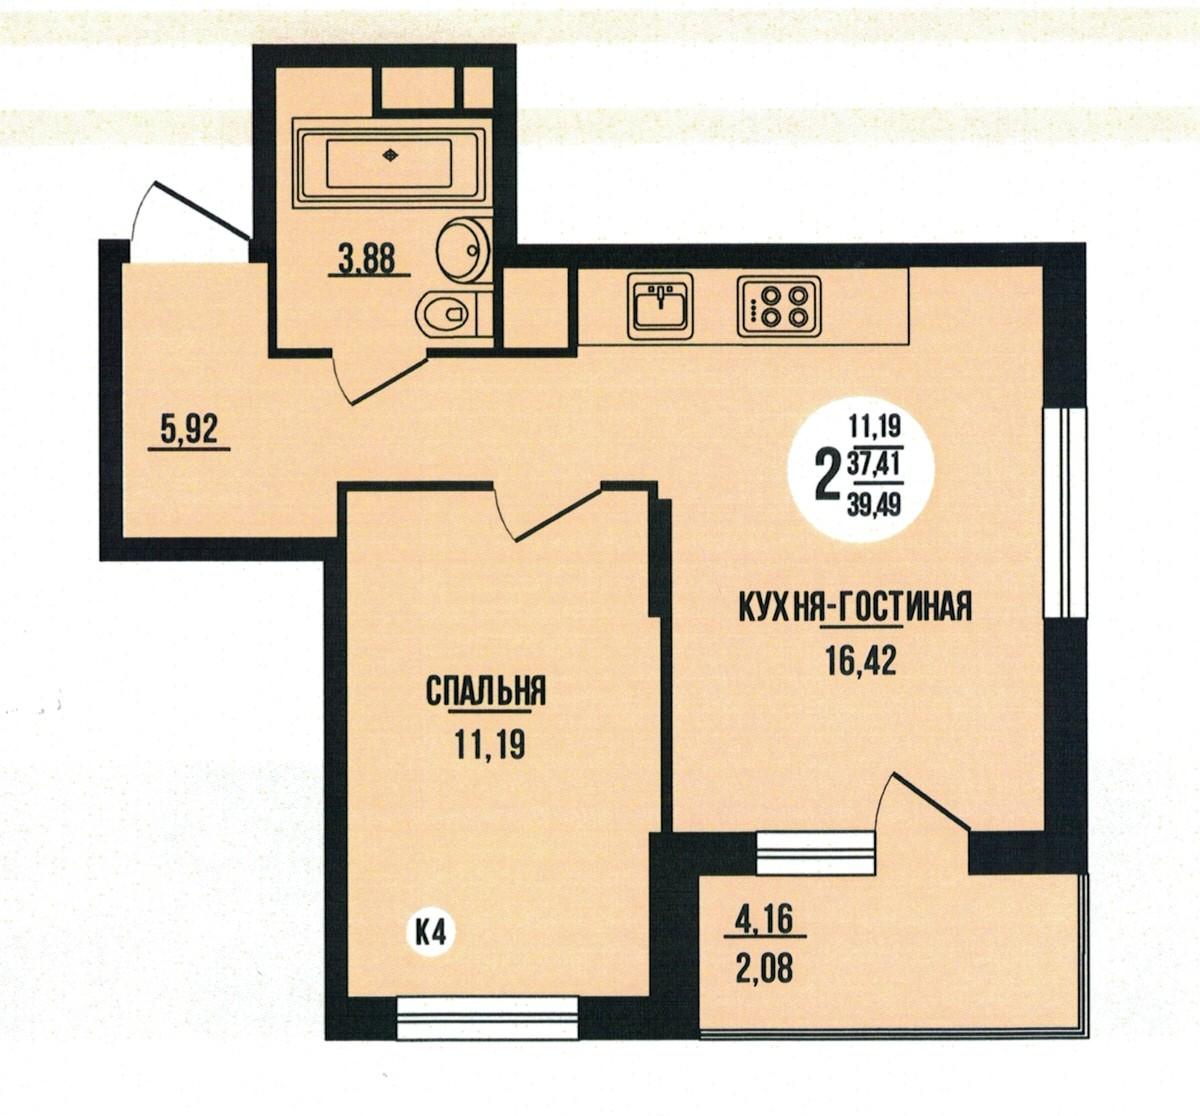 Евро 2-комантная квартира 39.49 м² с кухней-гостиной и спальней